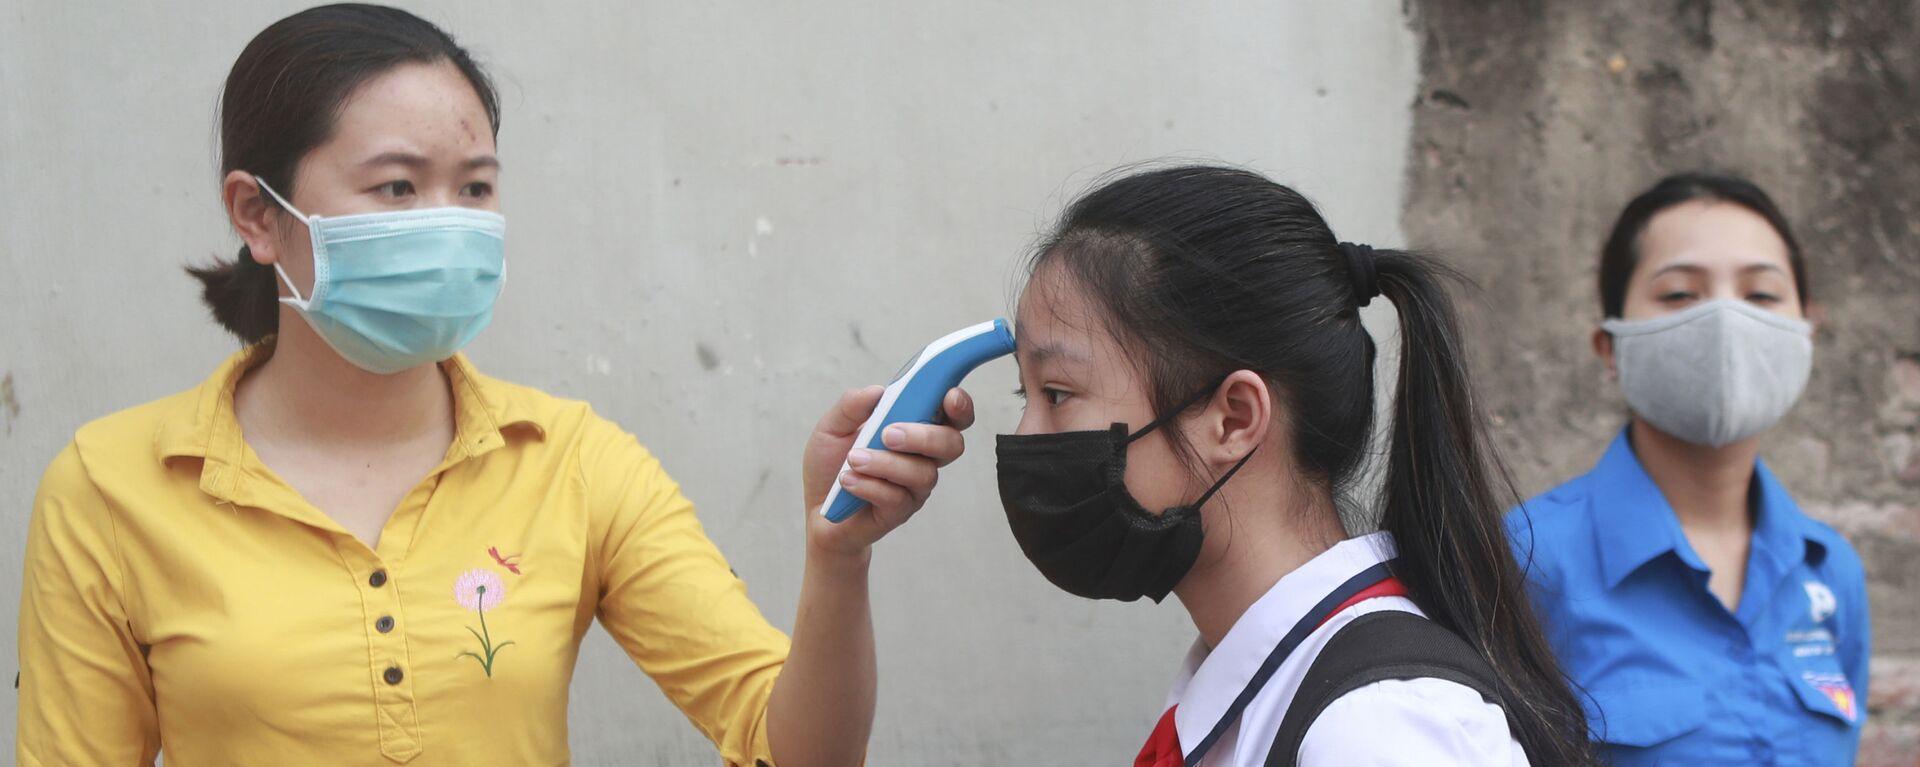 Kiểm tra nhiệt độ tại một trường trung học ở Hà Nội, Việt Nam. - Sputnik Việt Nam, 1920, 09.10.2021